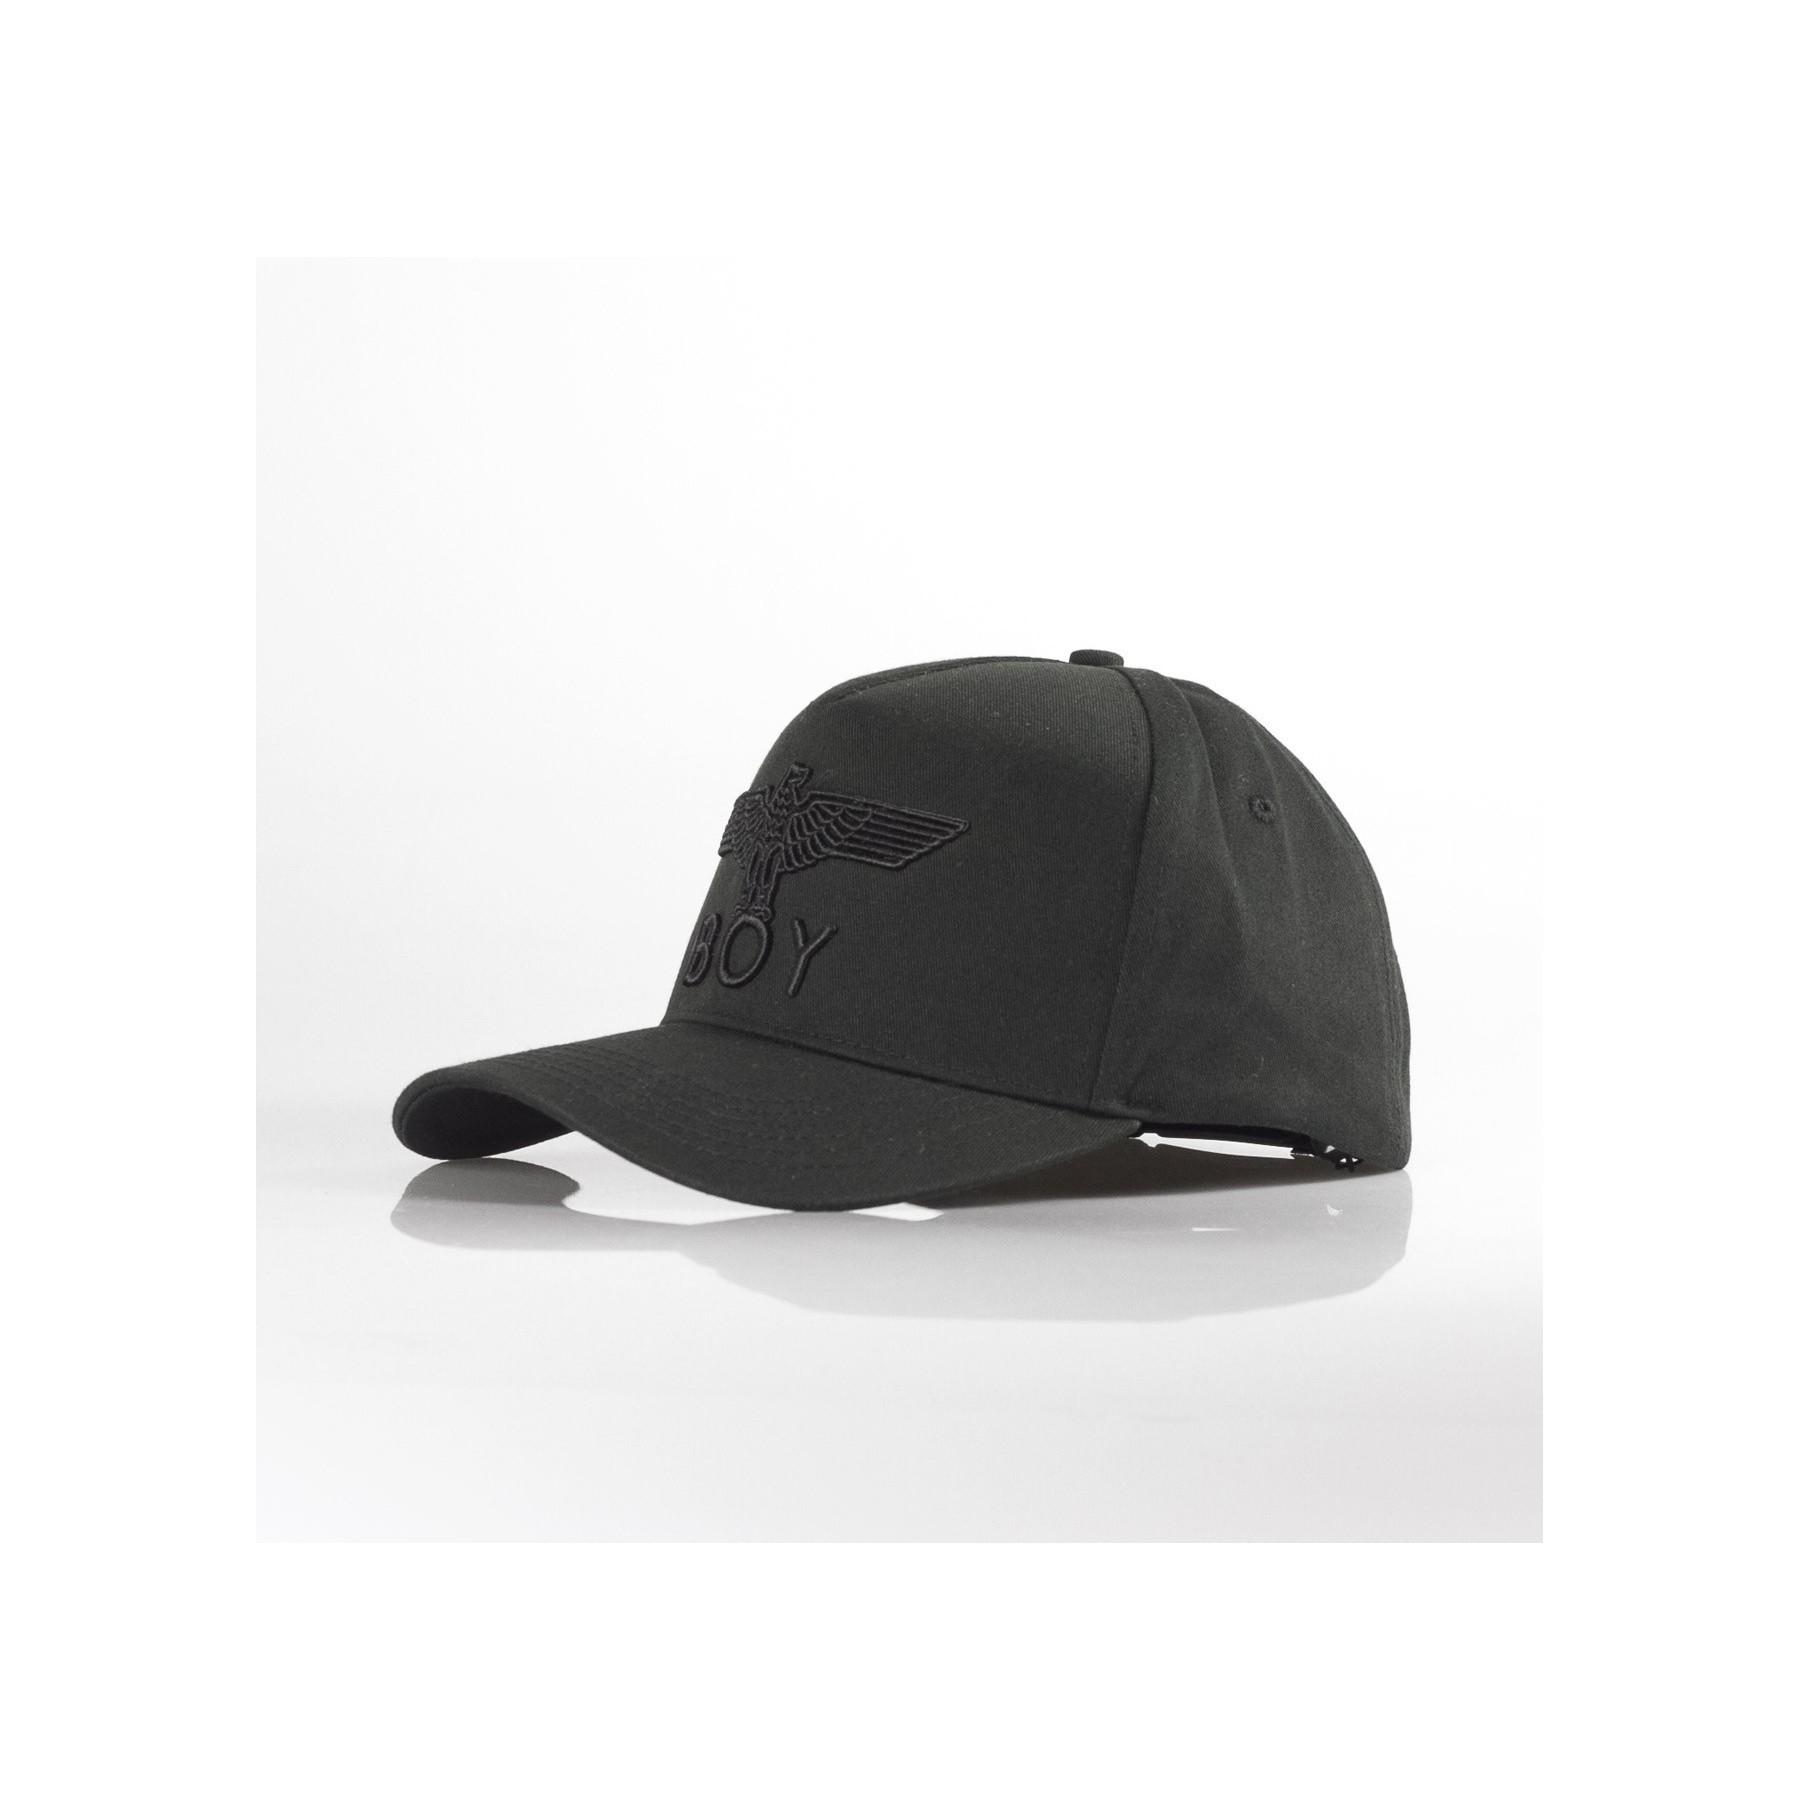 nuovo prodotto 100% qualità vendita calda online CAPPELLO VISIERA CURVA EAGLE CAP BLACK/BLACK   Atipicishop.com